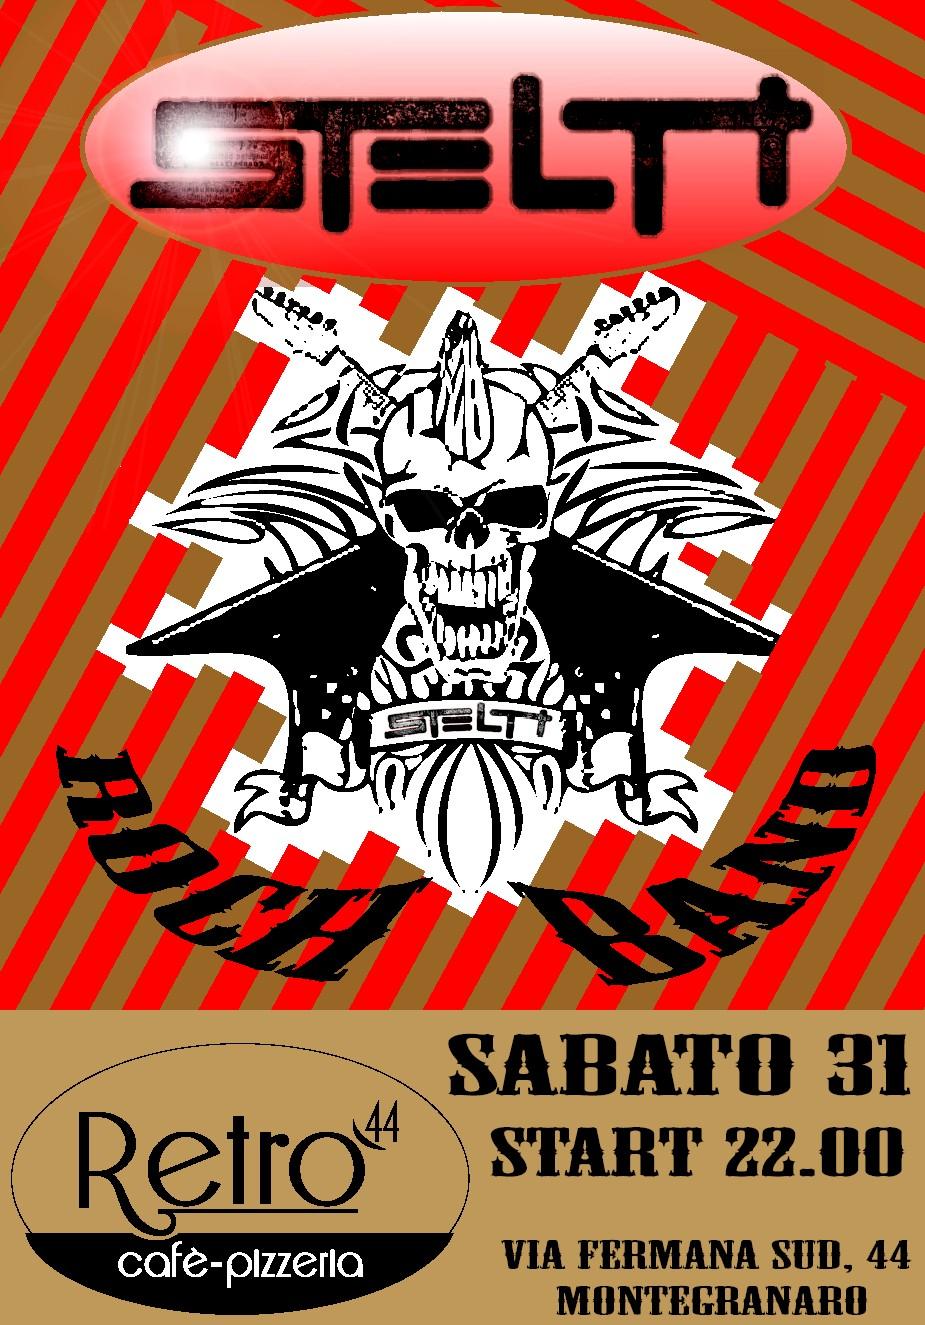 Live@Retro' 44, Marche, Italy - 31.1.2015